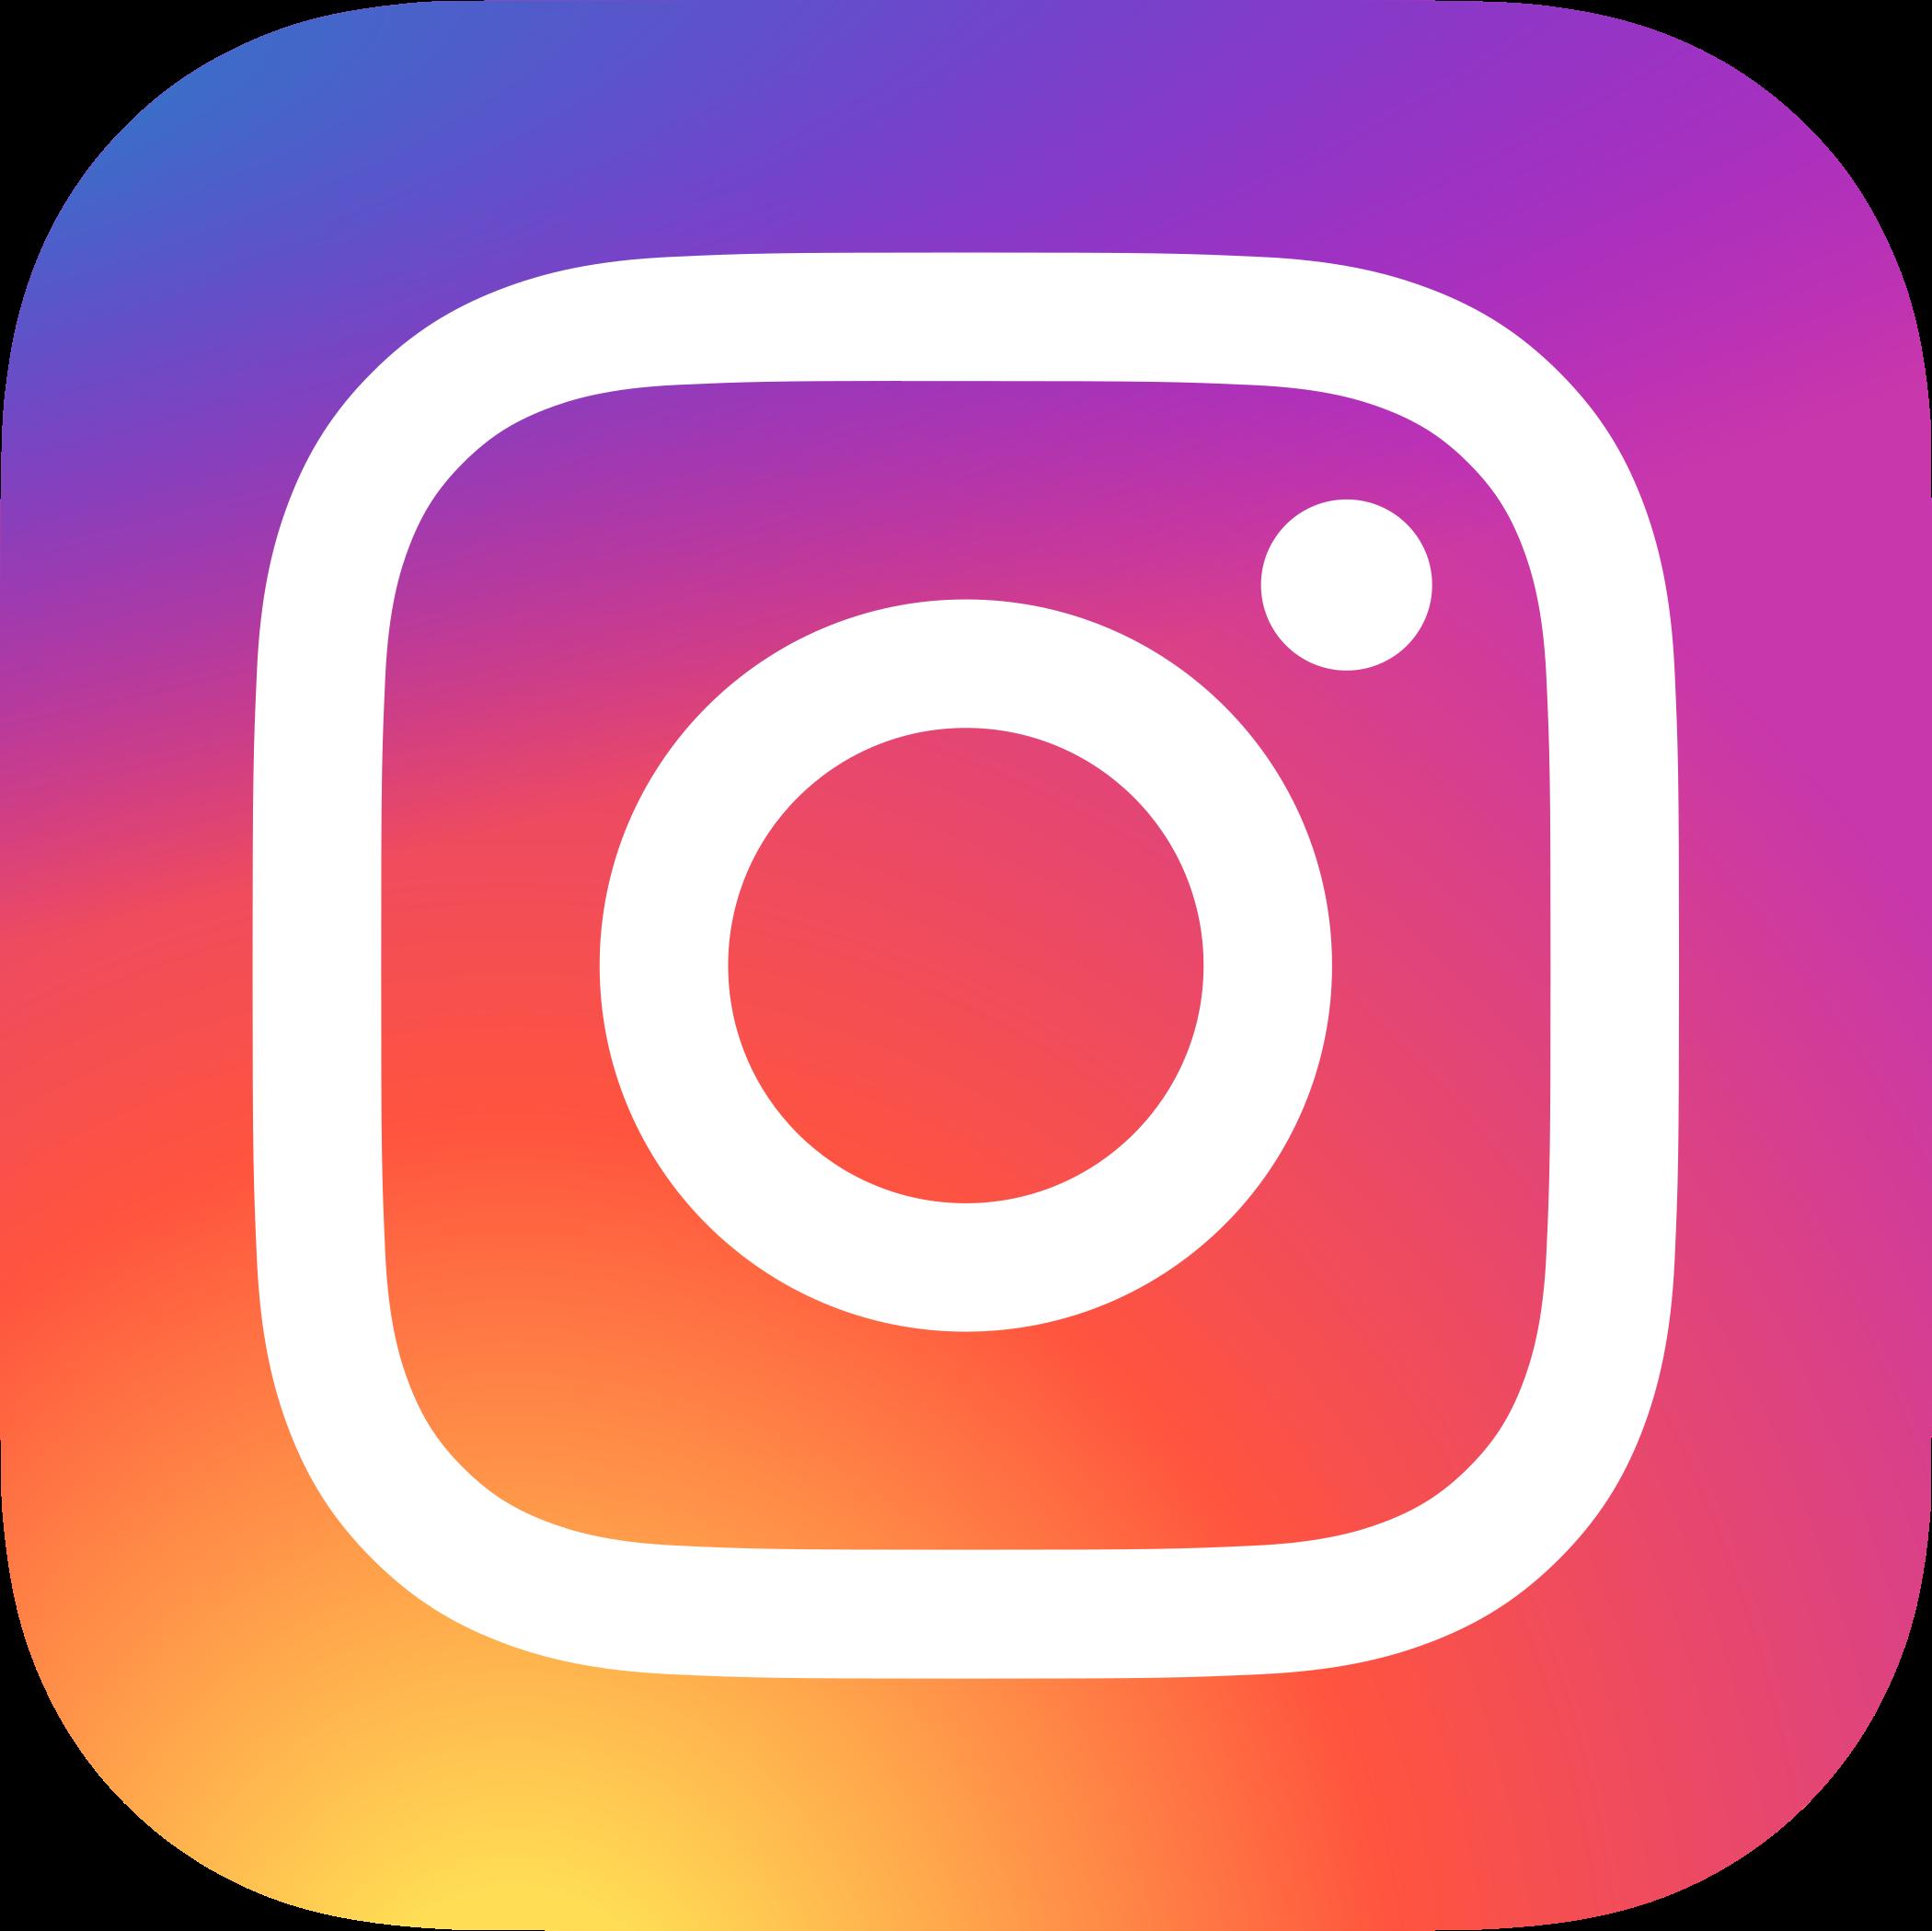 instagram logo 3 - Instagram Logo